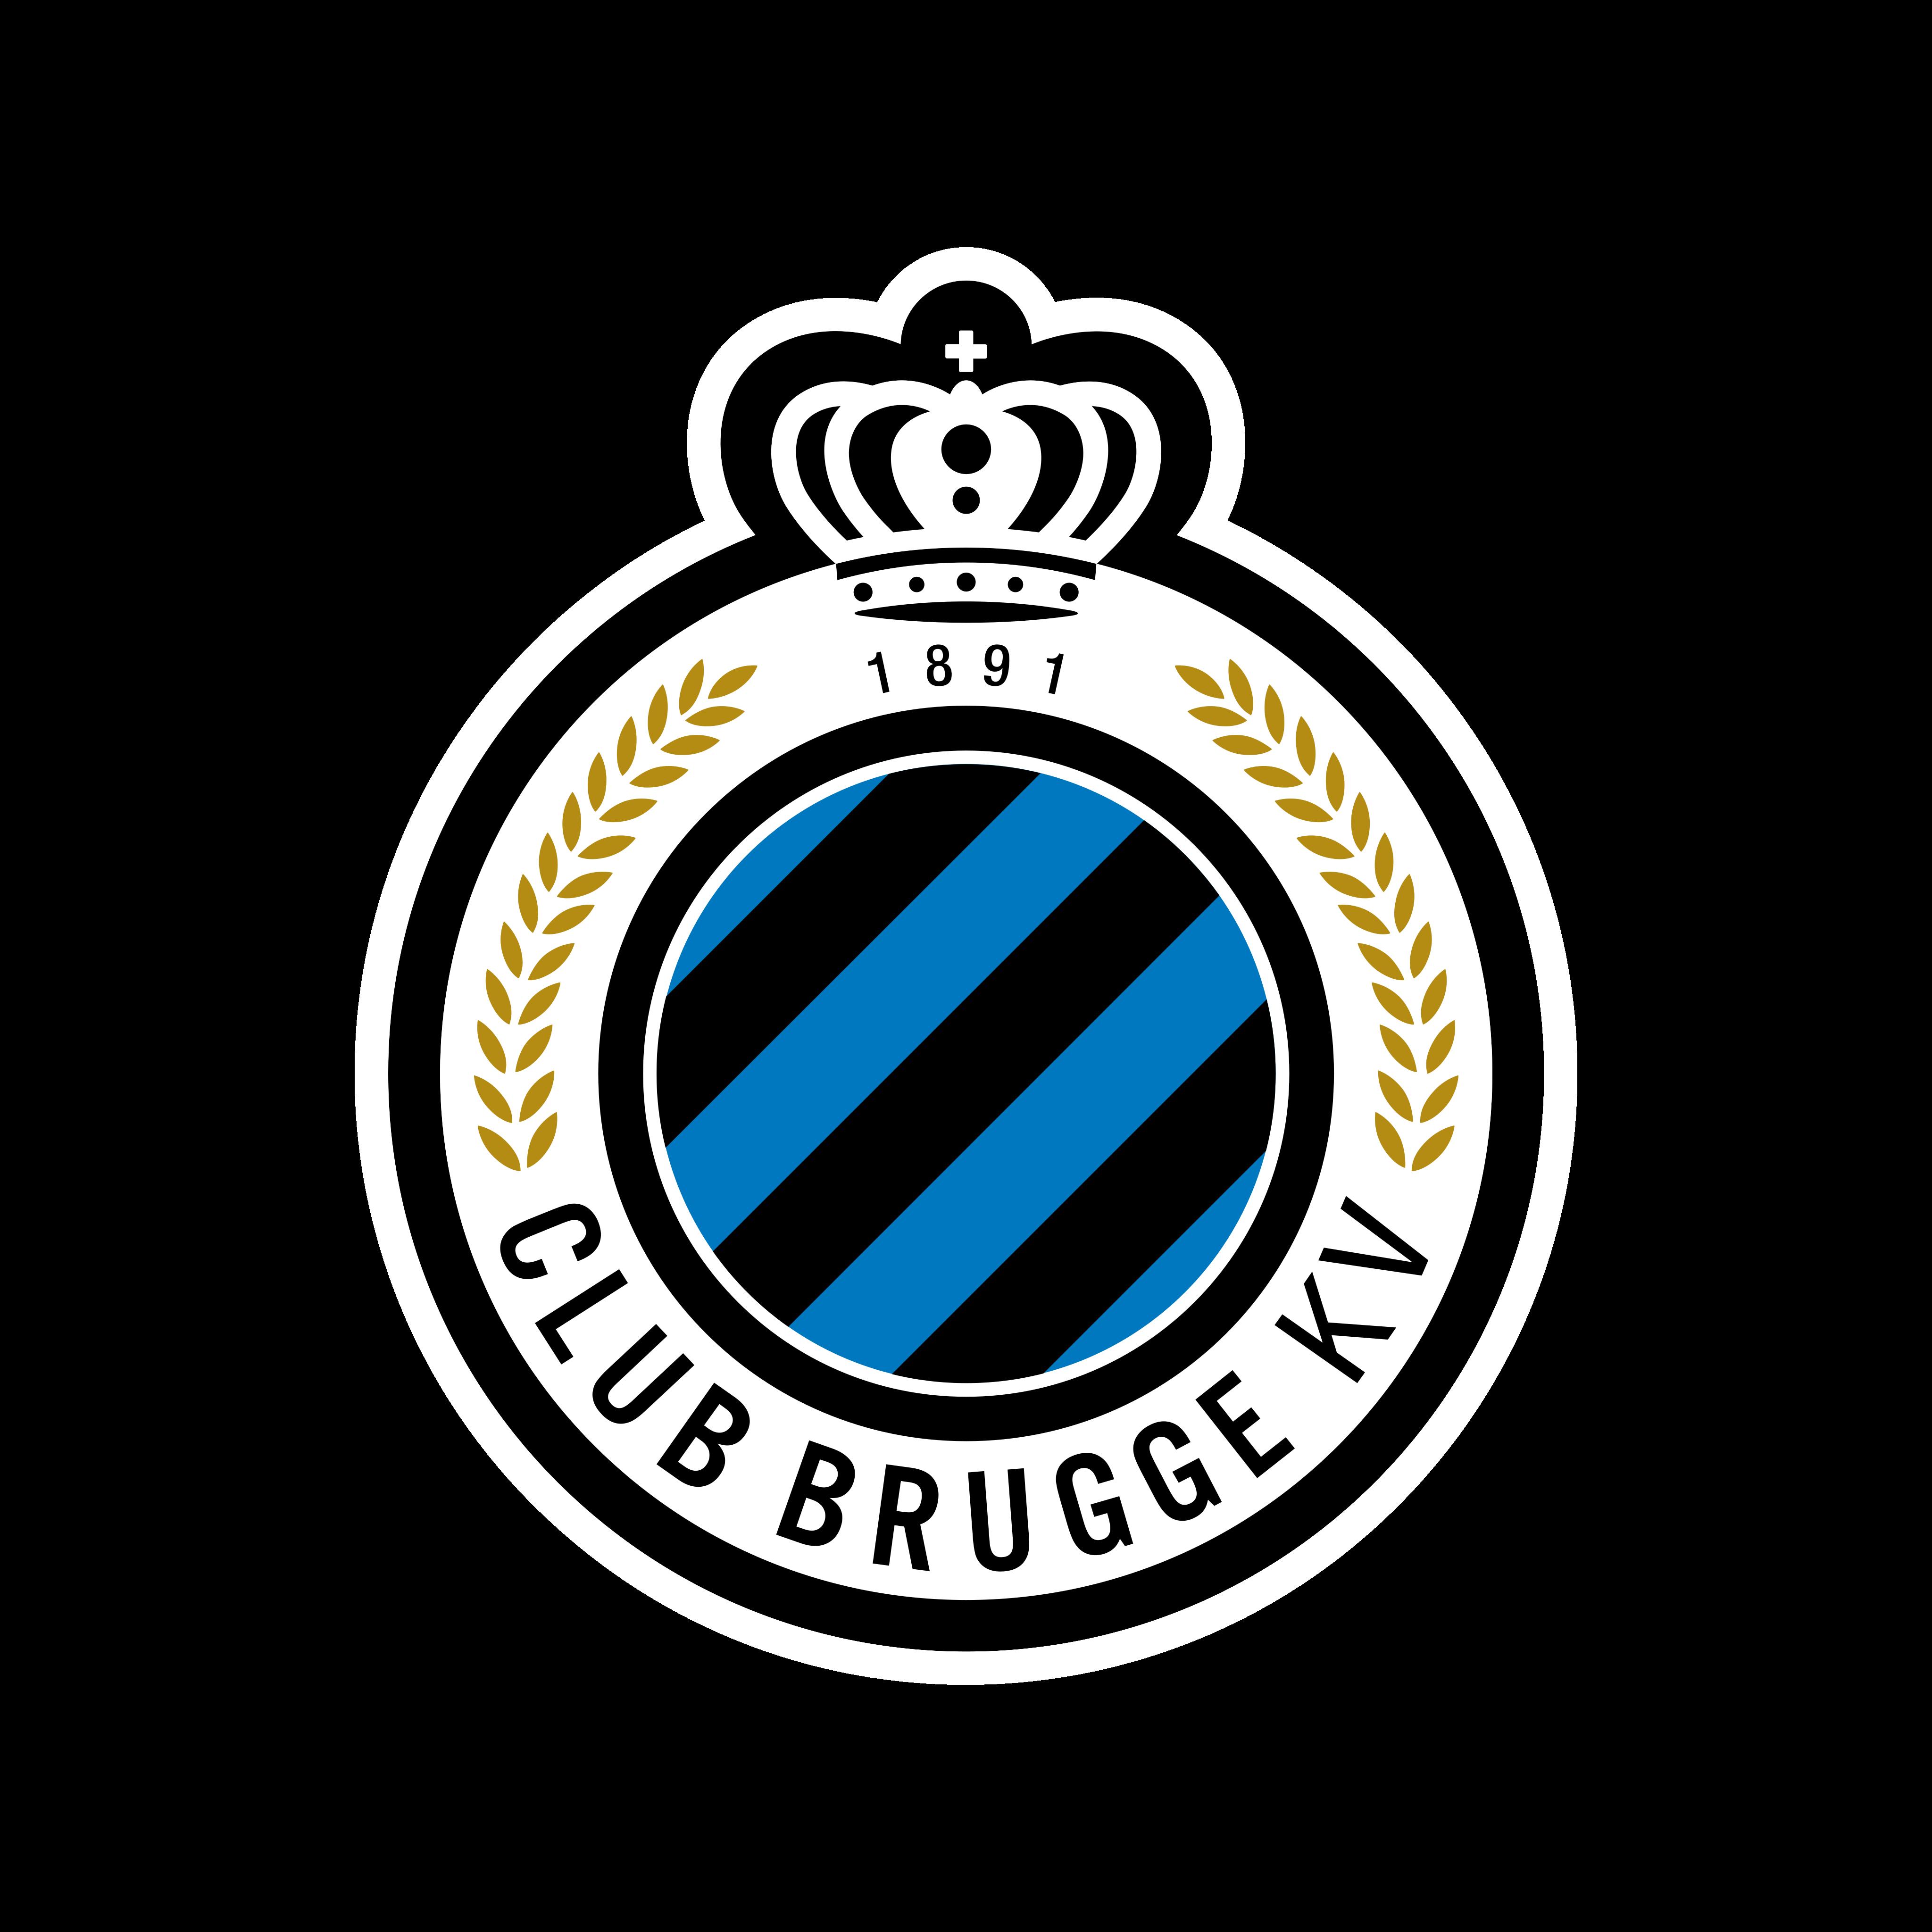 club brugge logo 0 - Club Bruges KV Logo